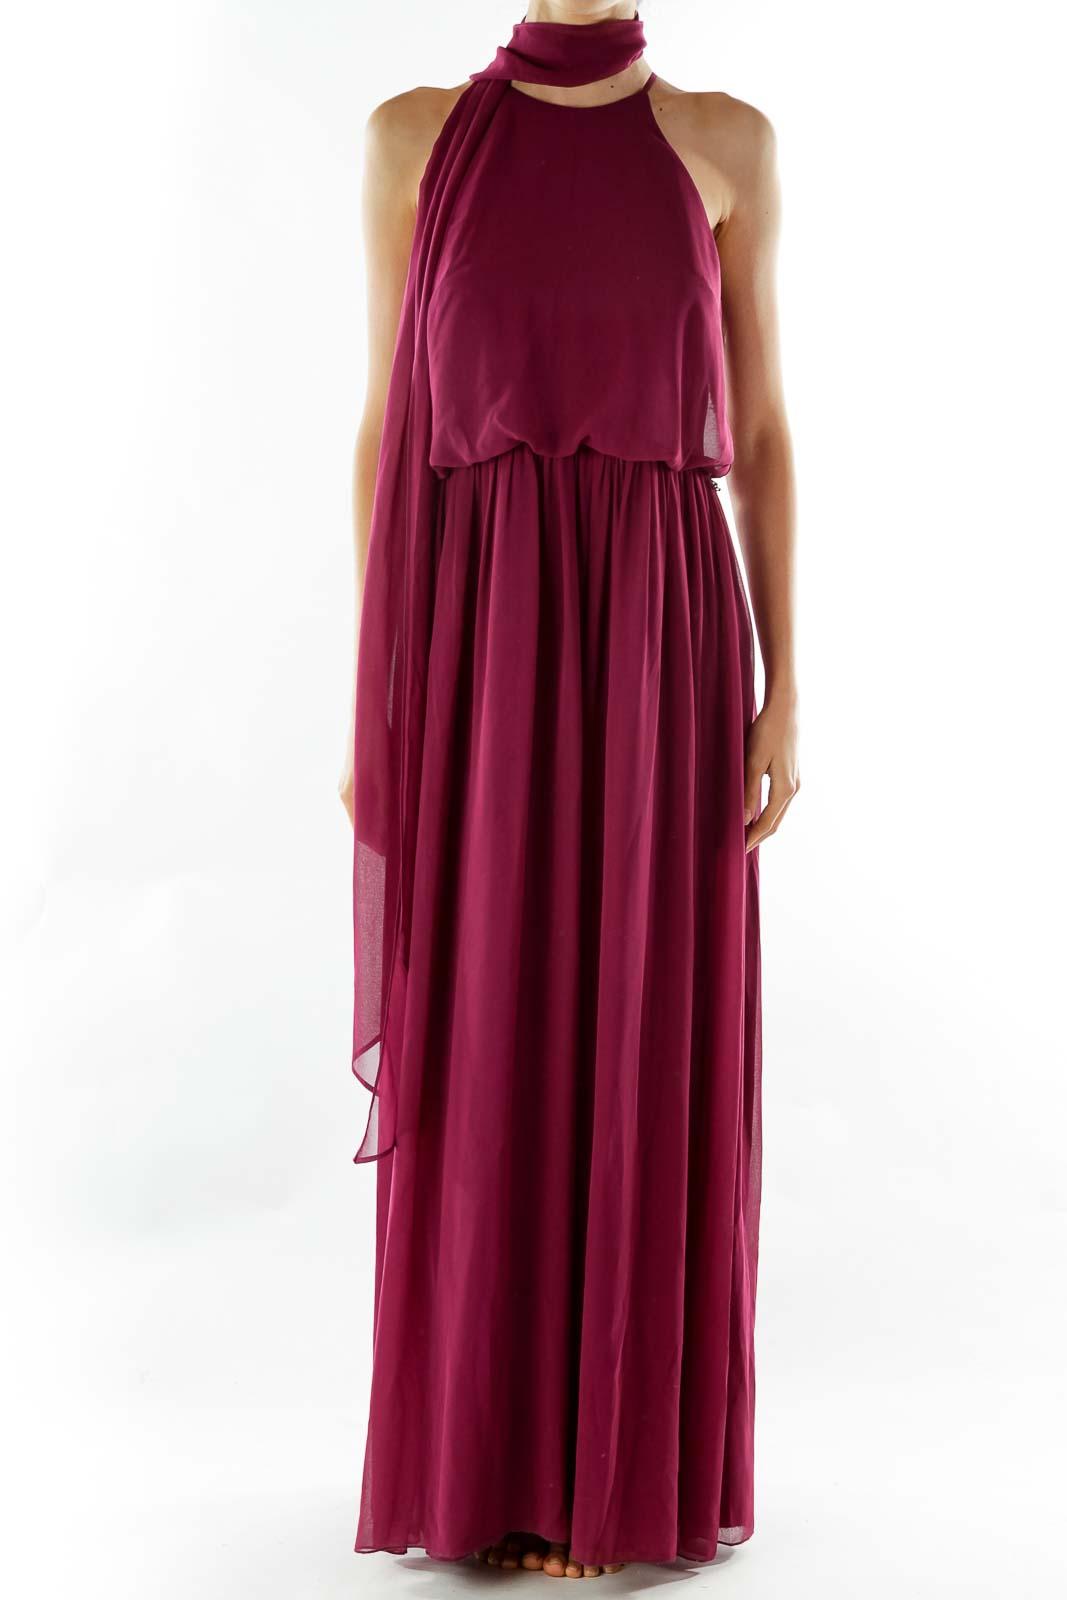 Purple Long Chiffon Dress